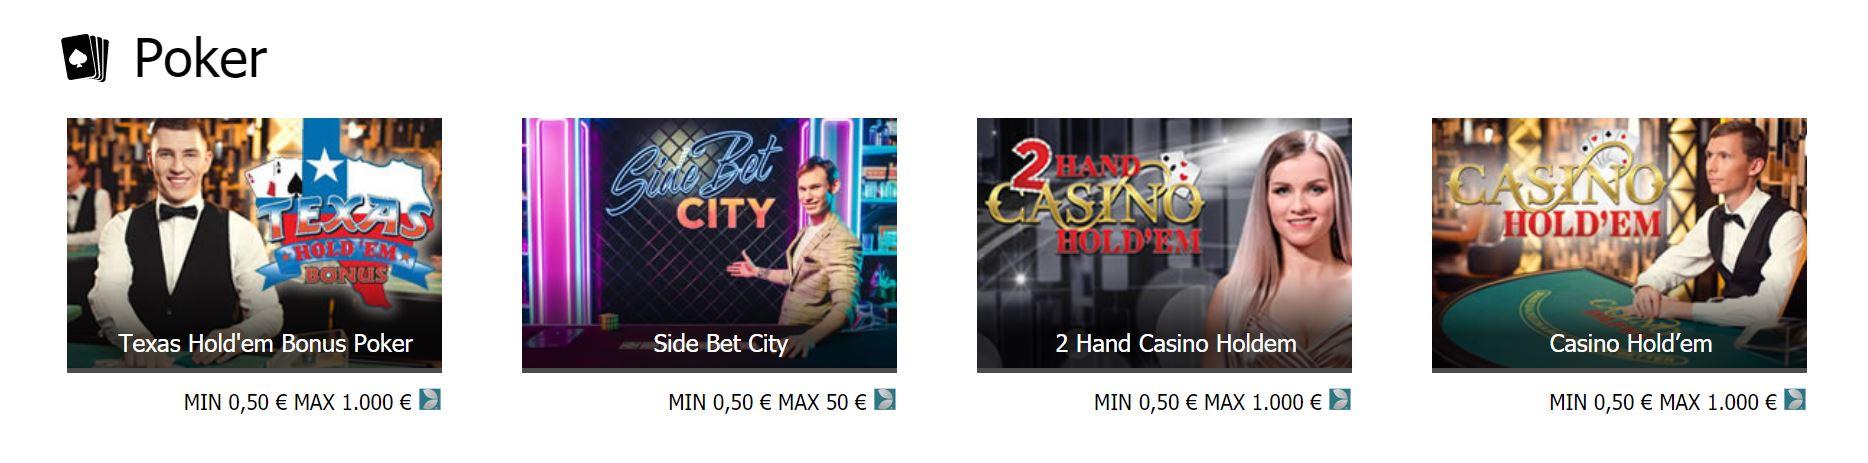 Los casinos tienen diversos juegos todos con temática de poker.